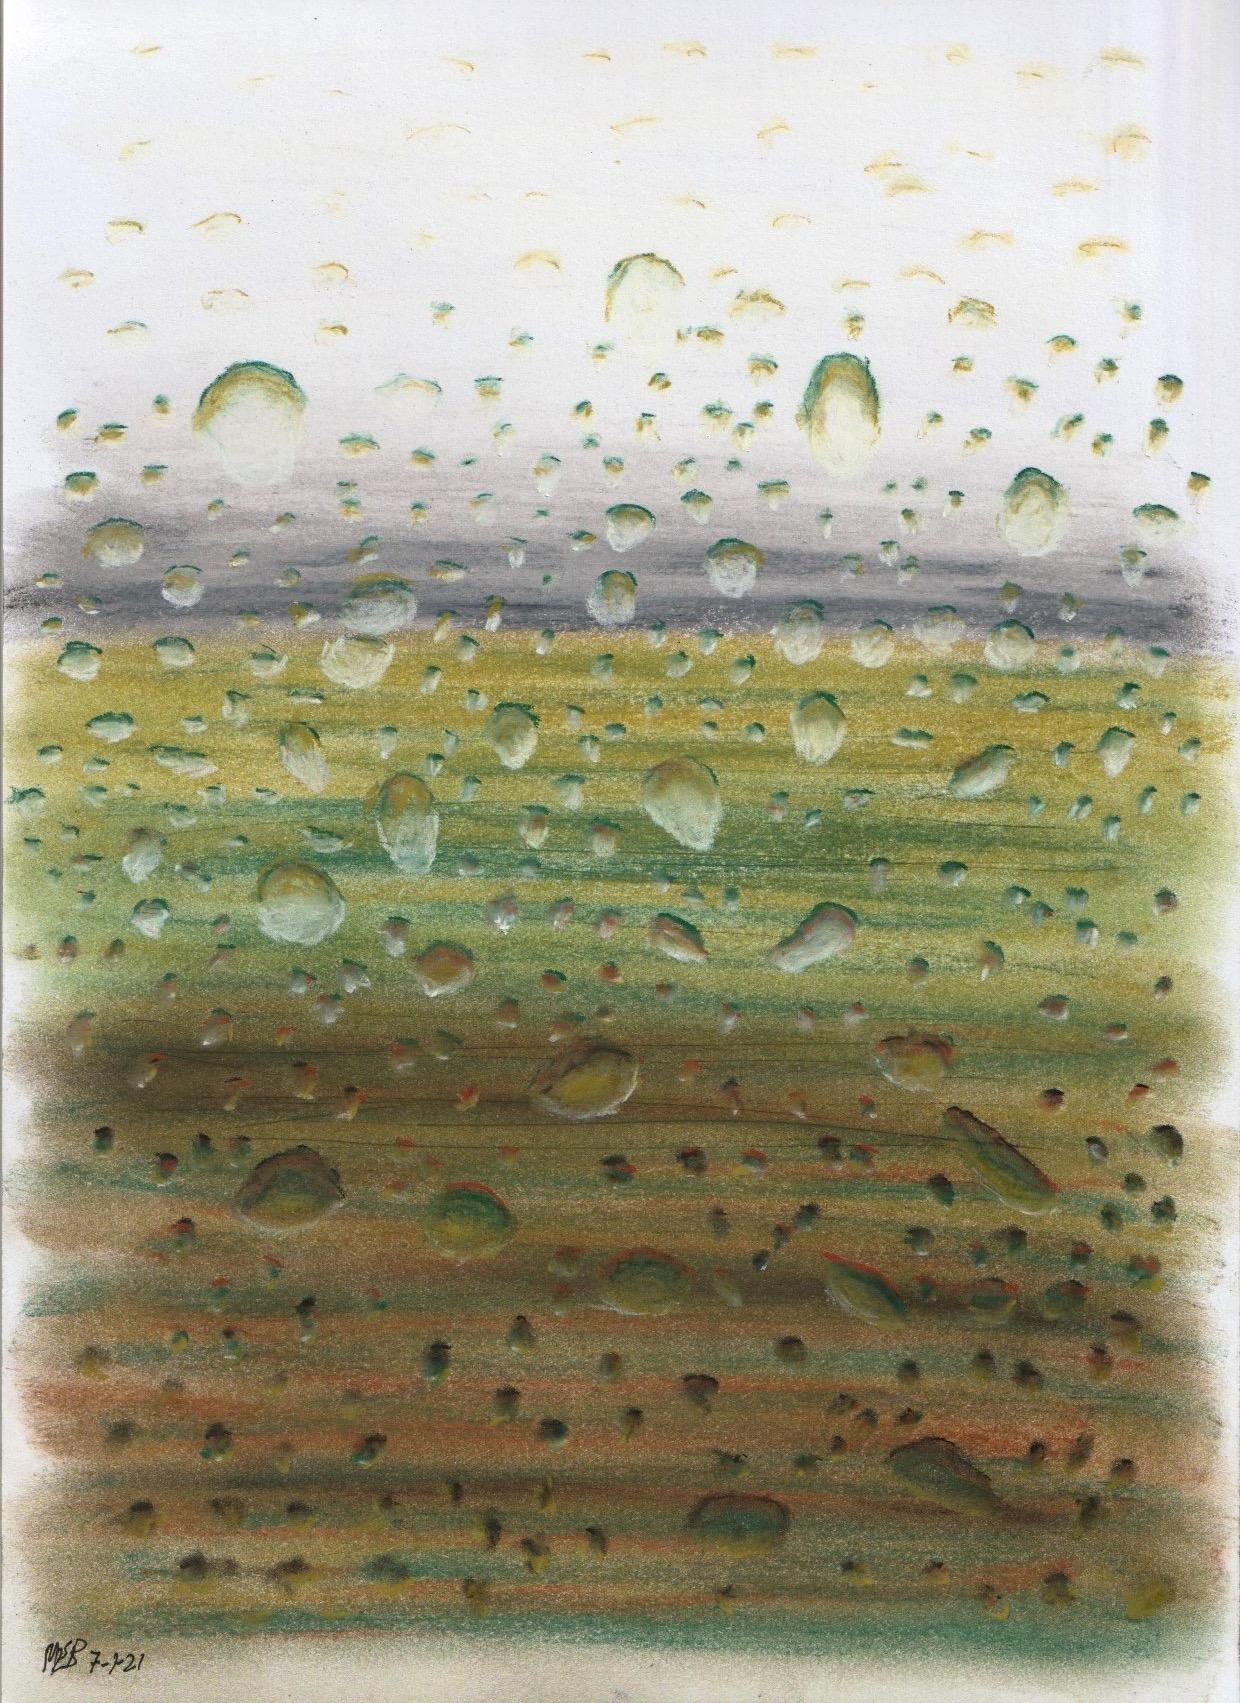 RainOnGlassCrop7Jan21